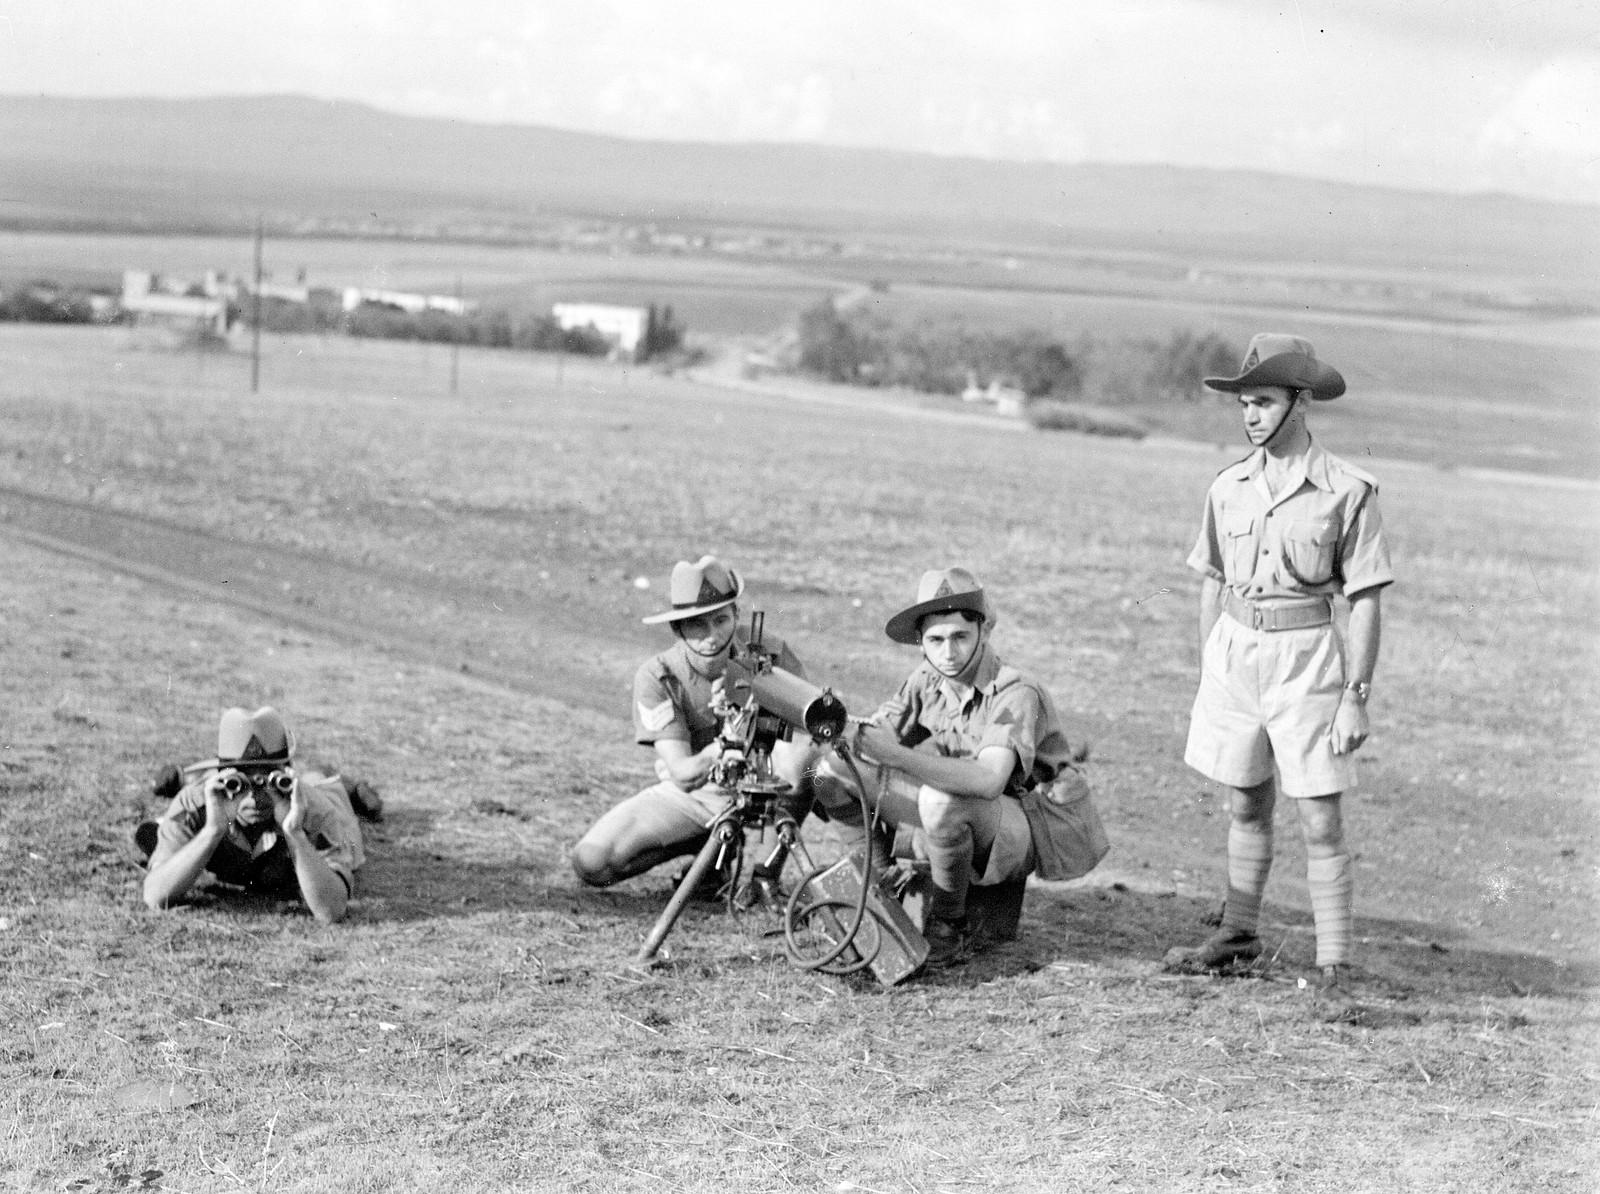 07. 1942. Еврейская поселенческая полиция во время полевых занятий на учебной базе в «Кфар Еладим»